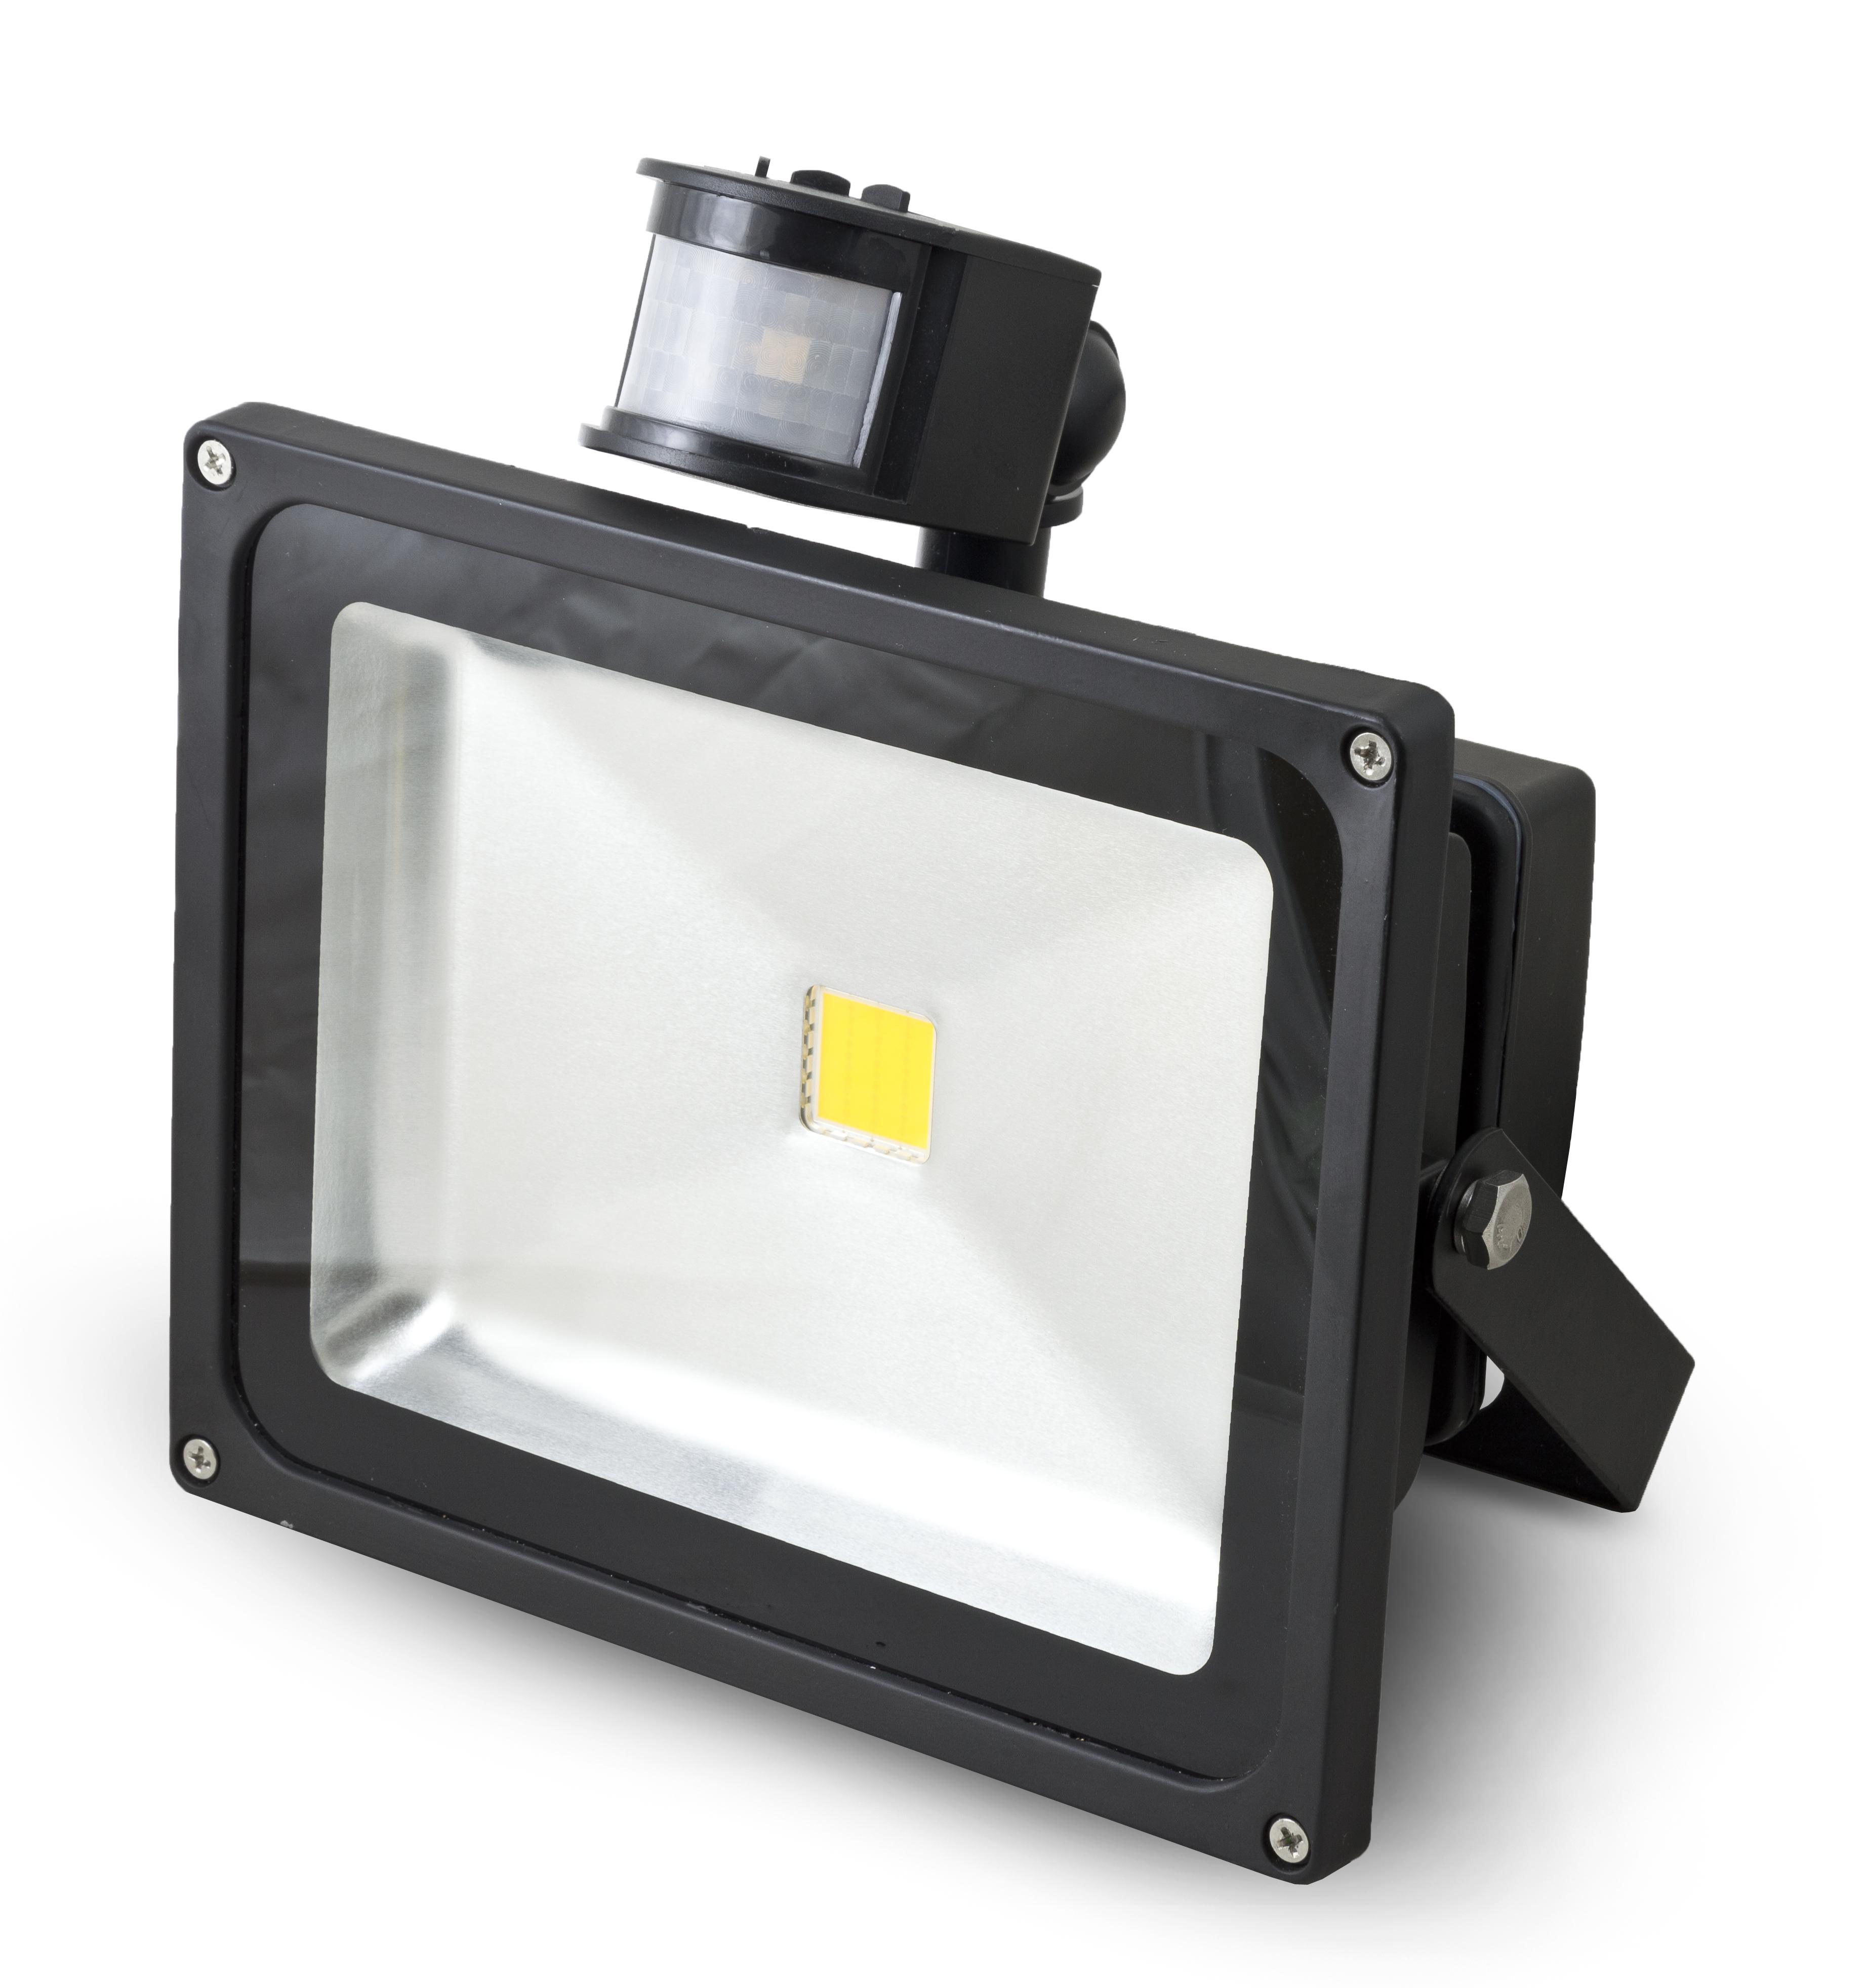 Reflektor G21 LED 30W teplá bílá, 2104 lm - černý s PIR čidlem